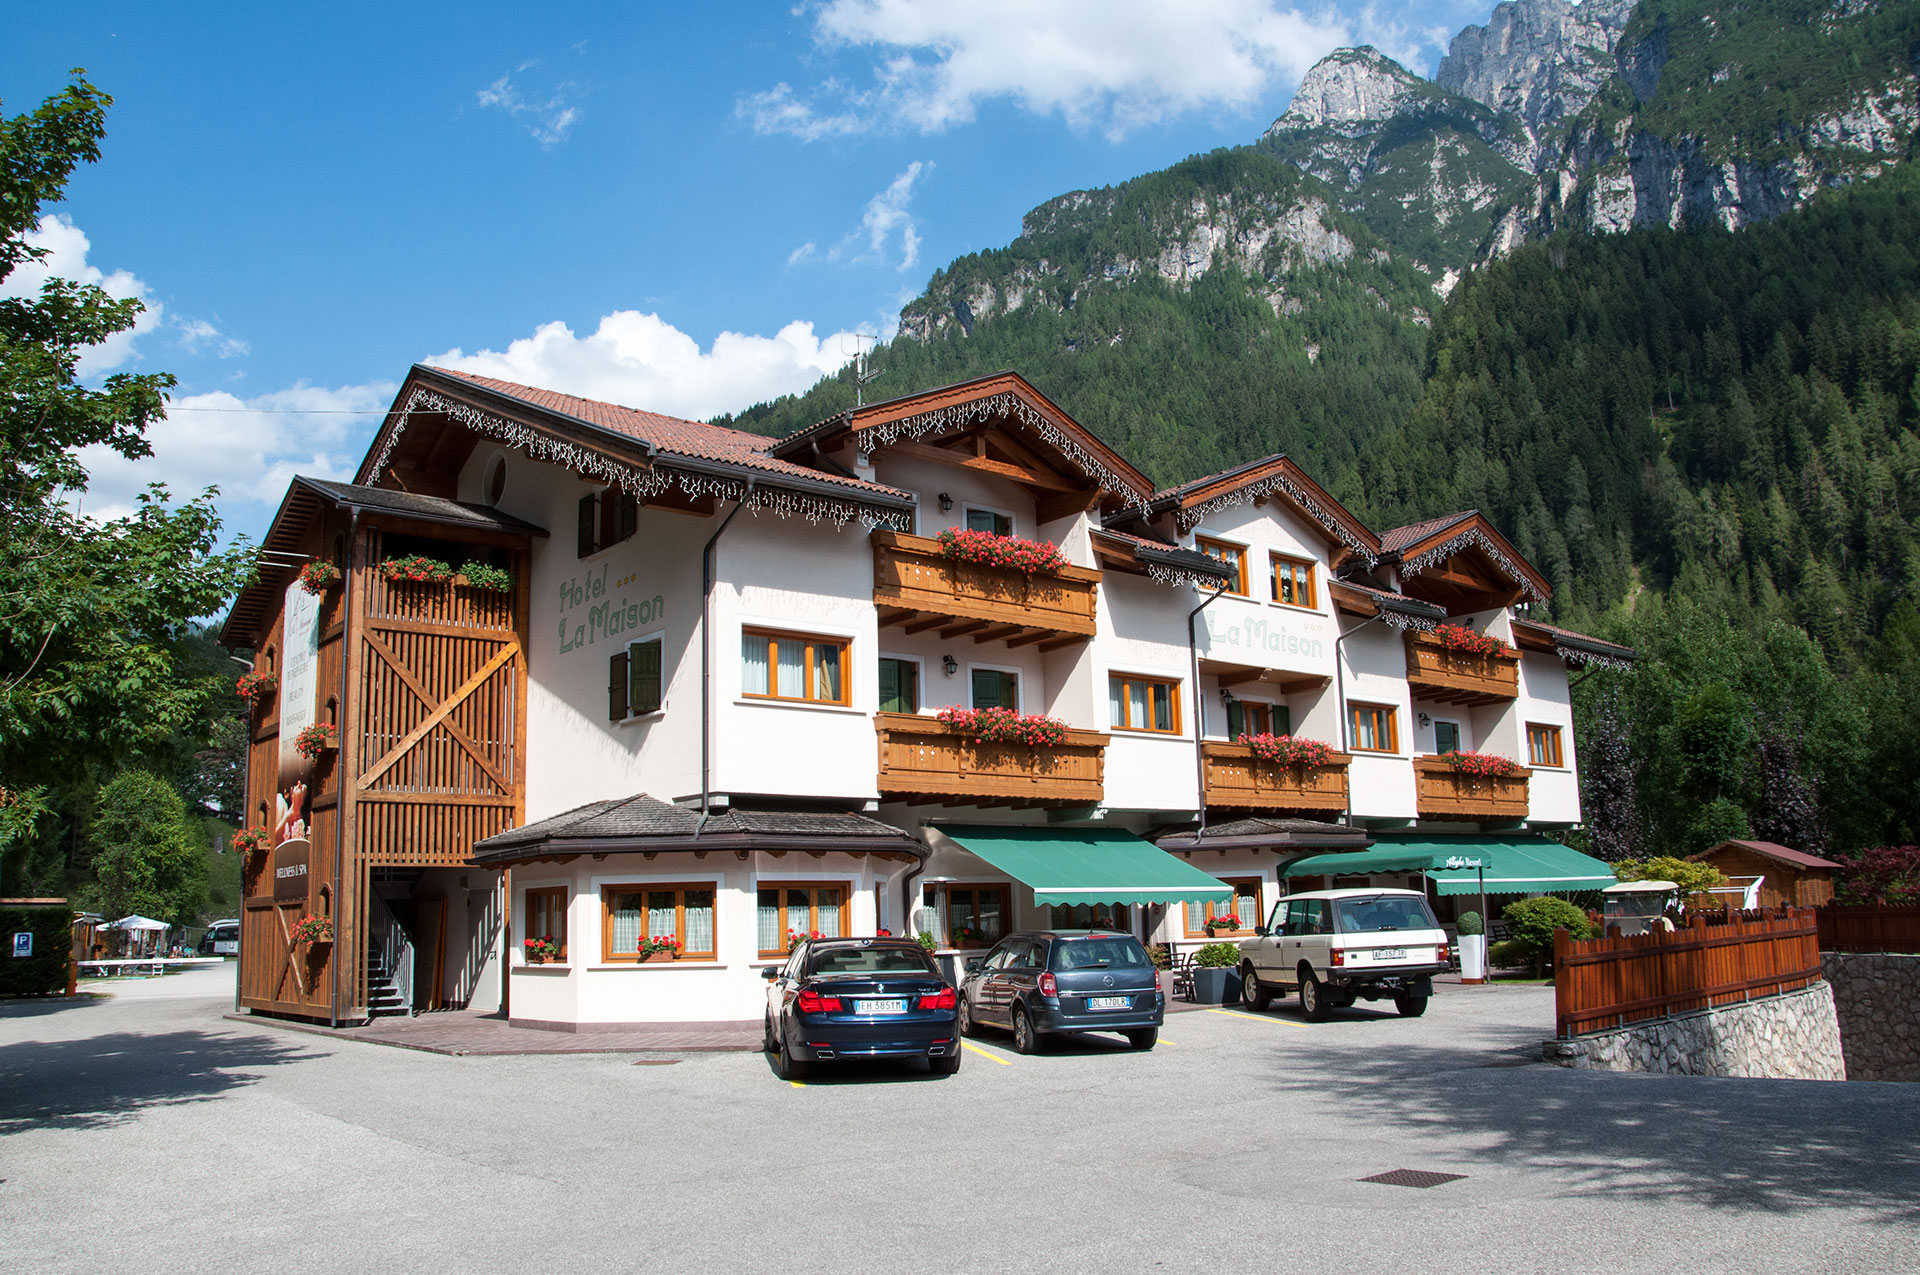 Hotel la maison wellness and spa in alleghe